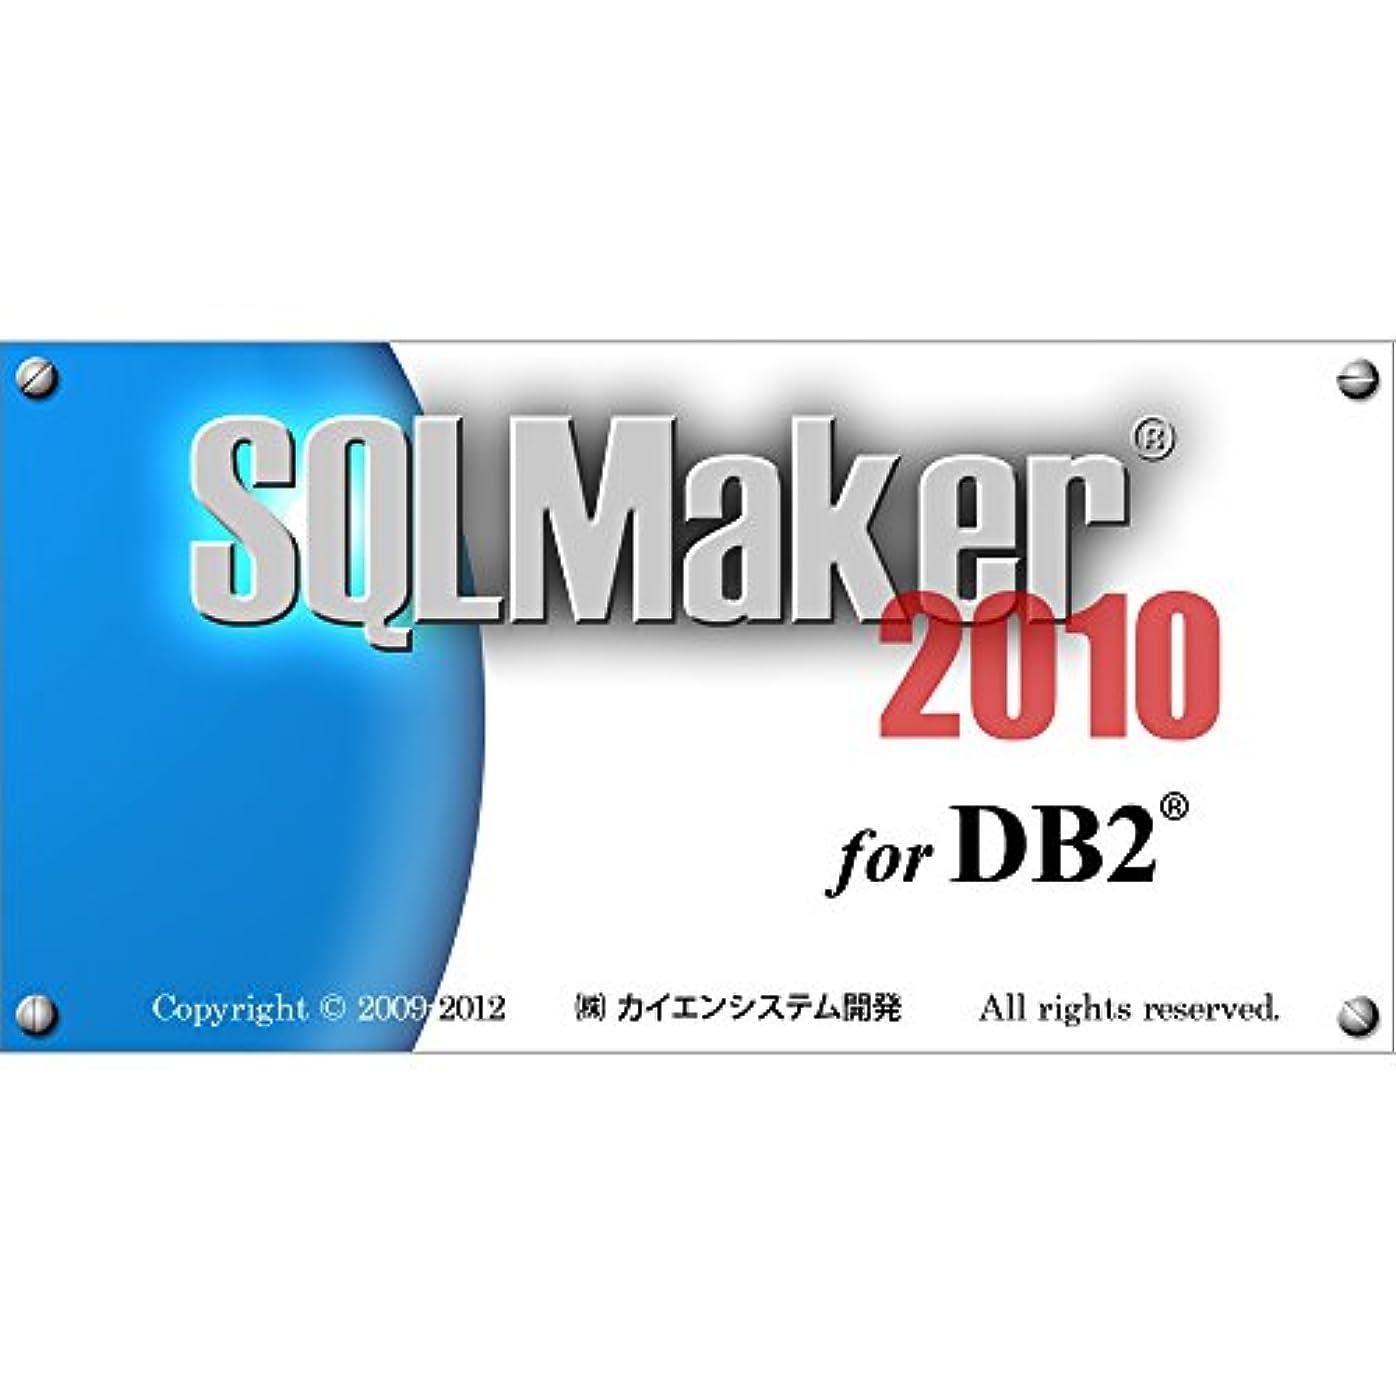 ボット解体する印象SQL Maker 2010 for DB2 追加5ライセンス